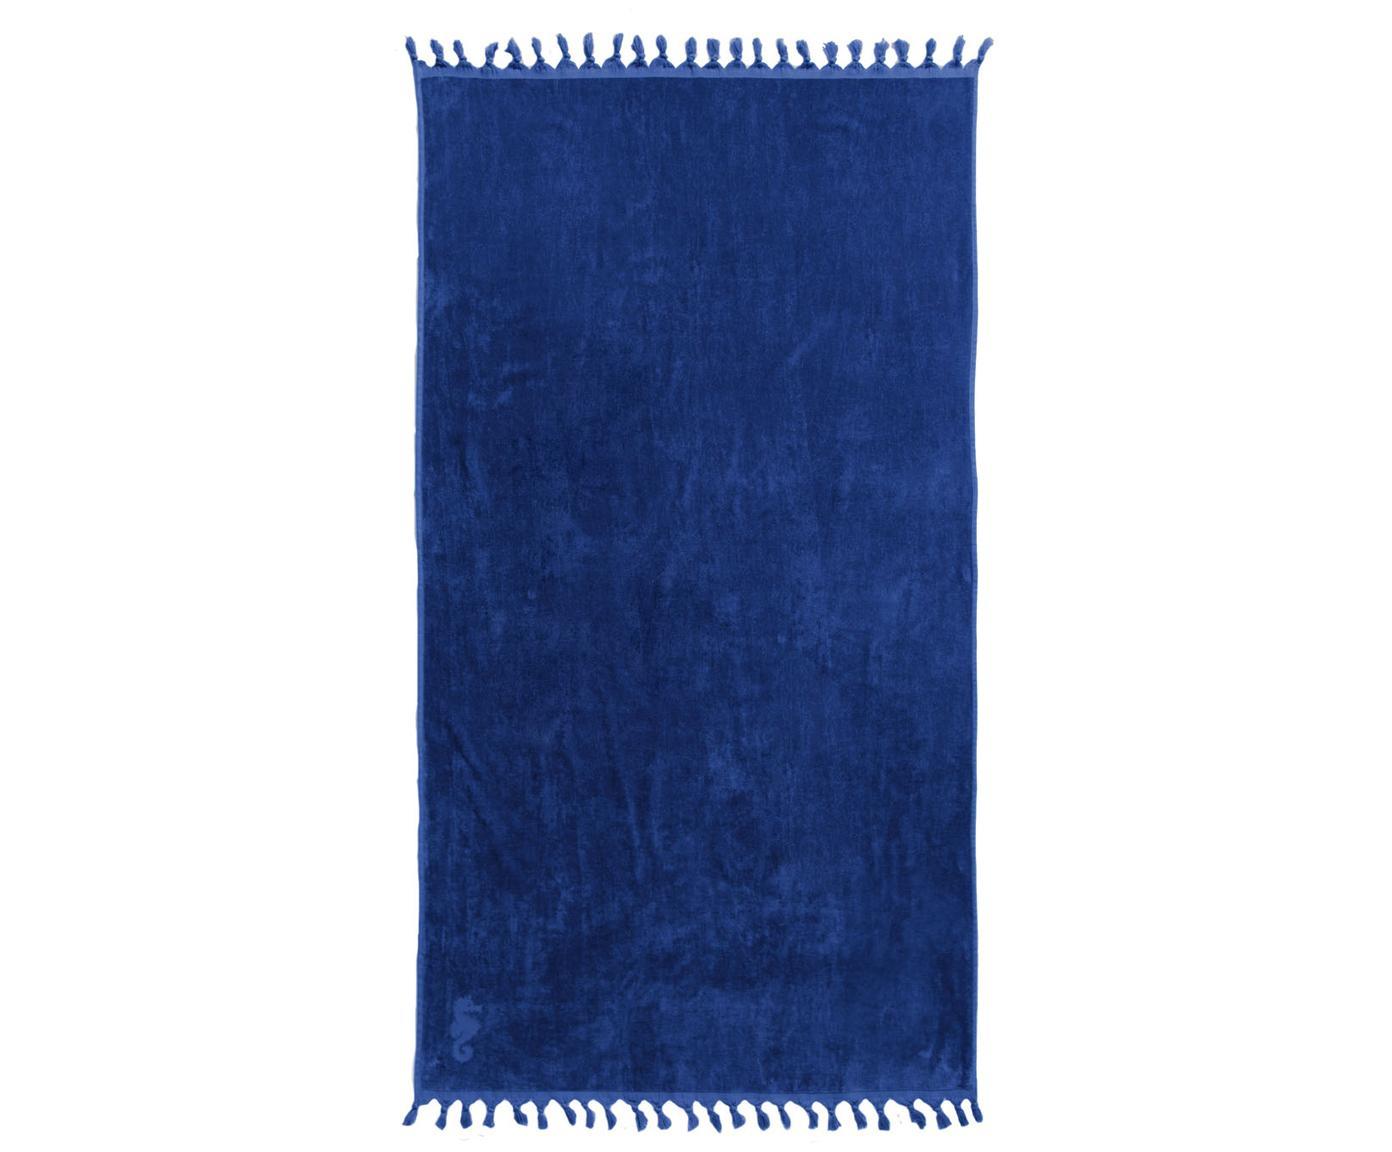 Hamamtuch Lushie, 100% Baumwolle mittelschwere Stoffqualität, 355g/m², Dunkelblau, 100 x 180 cm